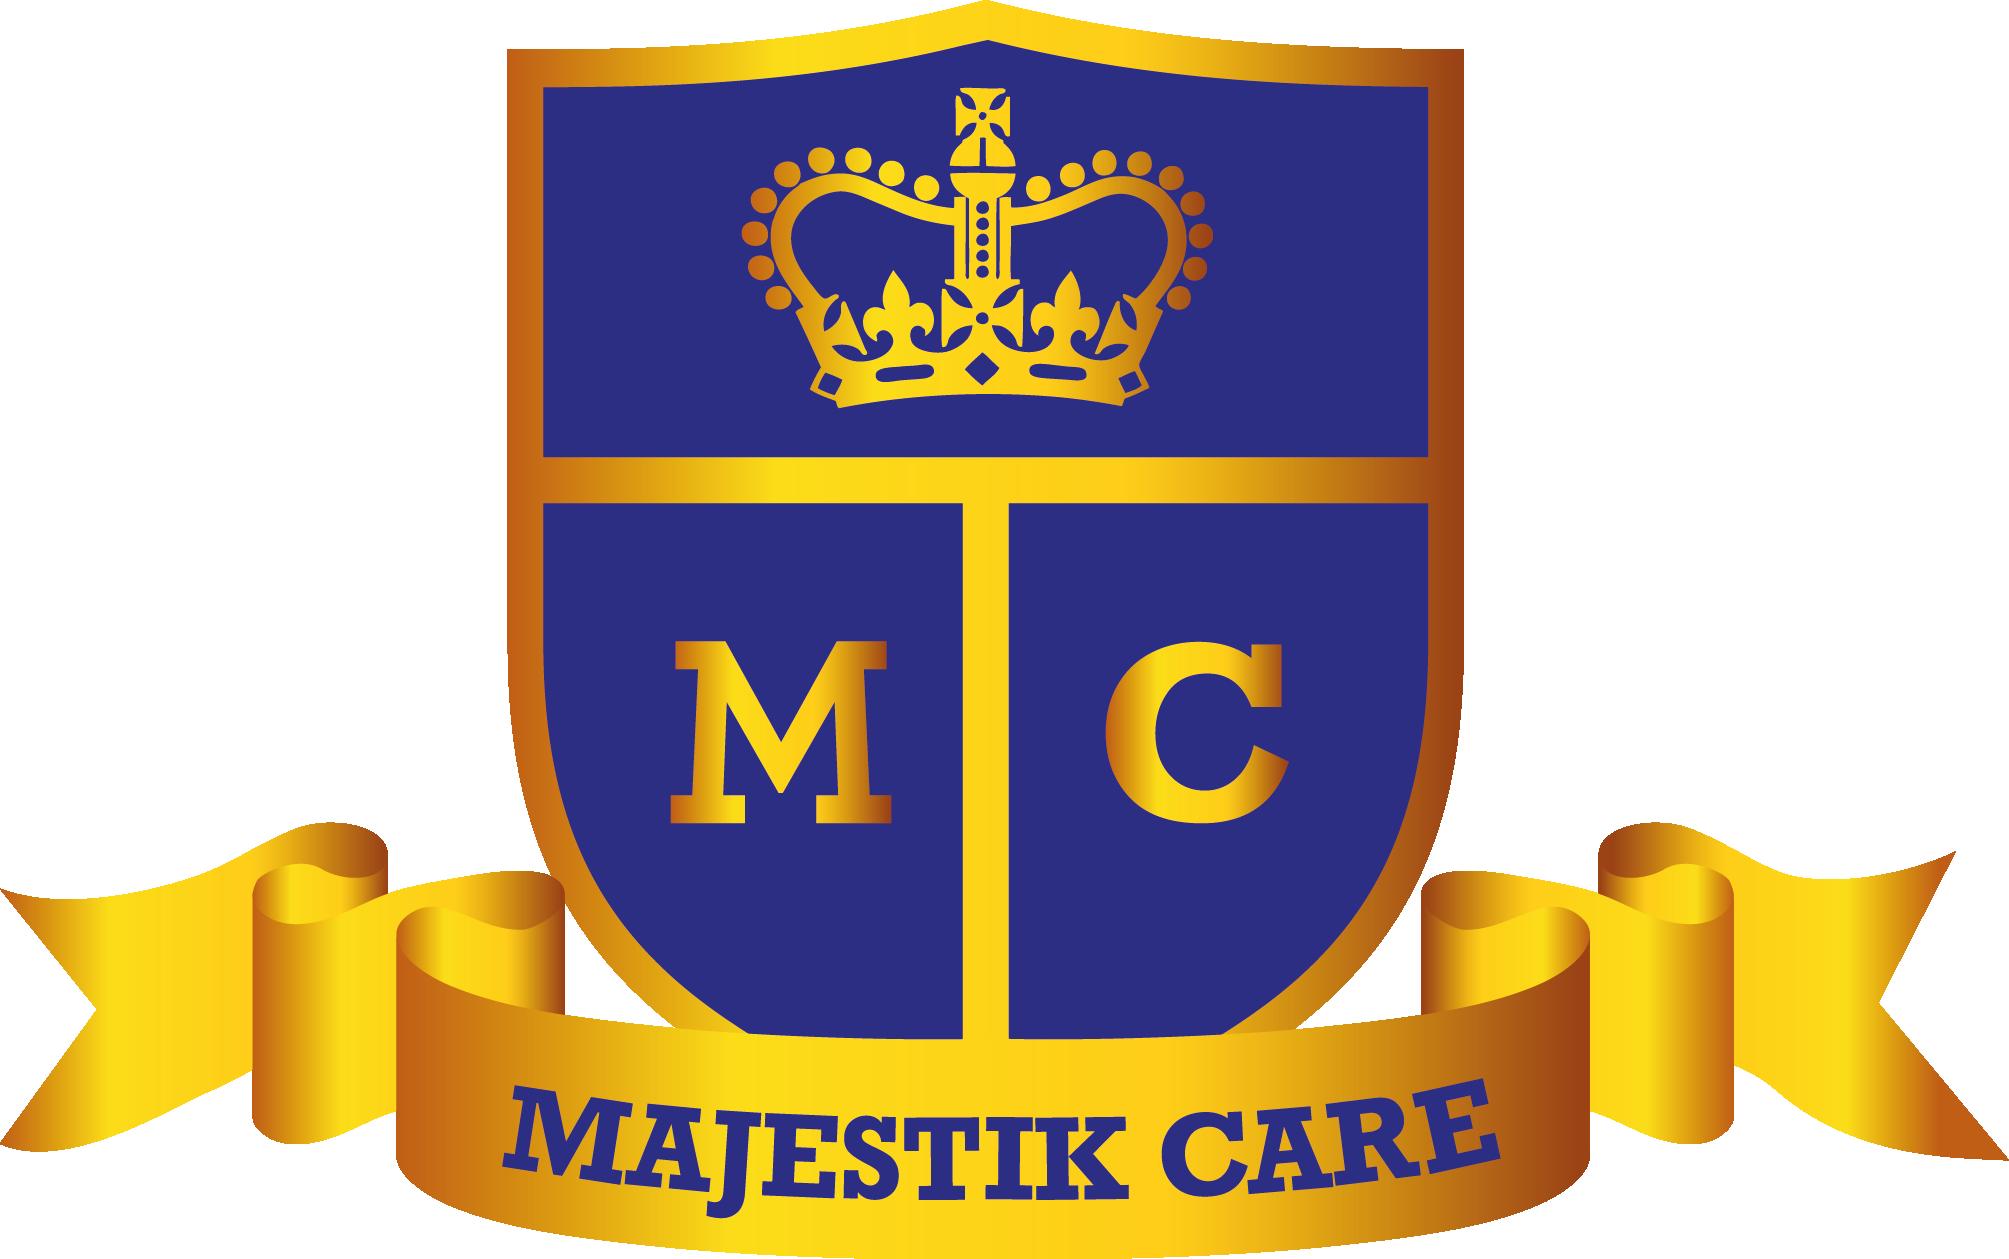 Majestik Care - Essex, Essex CM13 3FR - 03335 771134 | ShowMeLocal.com